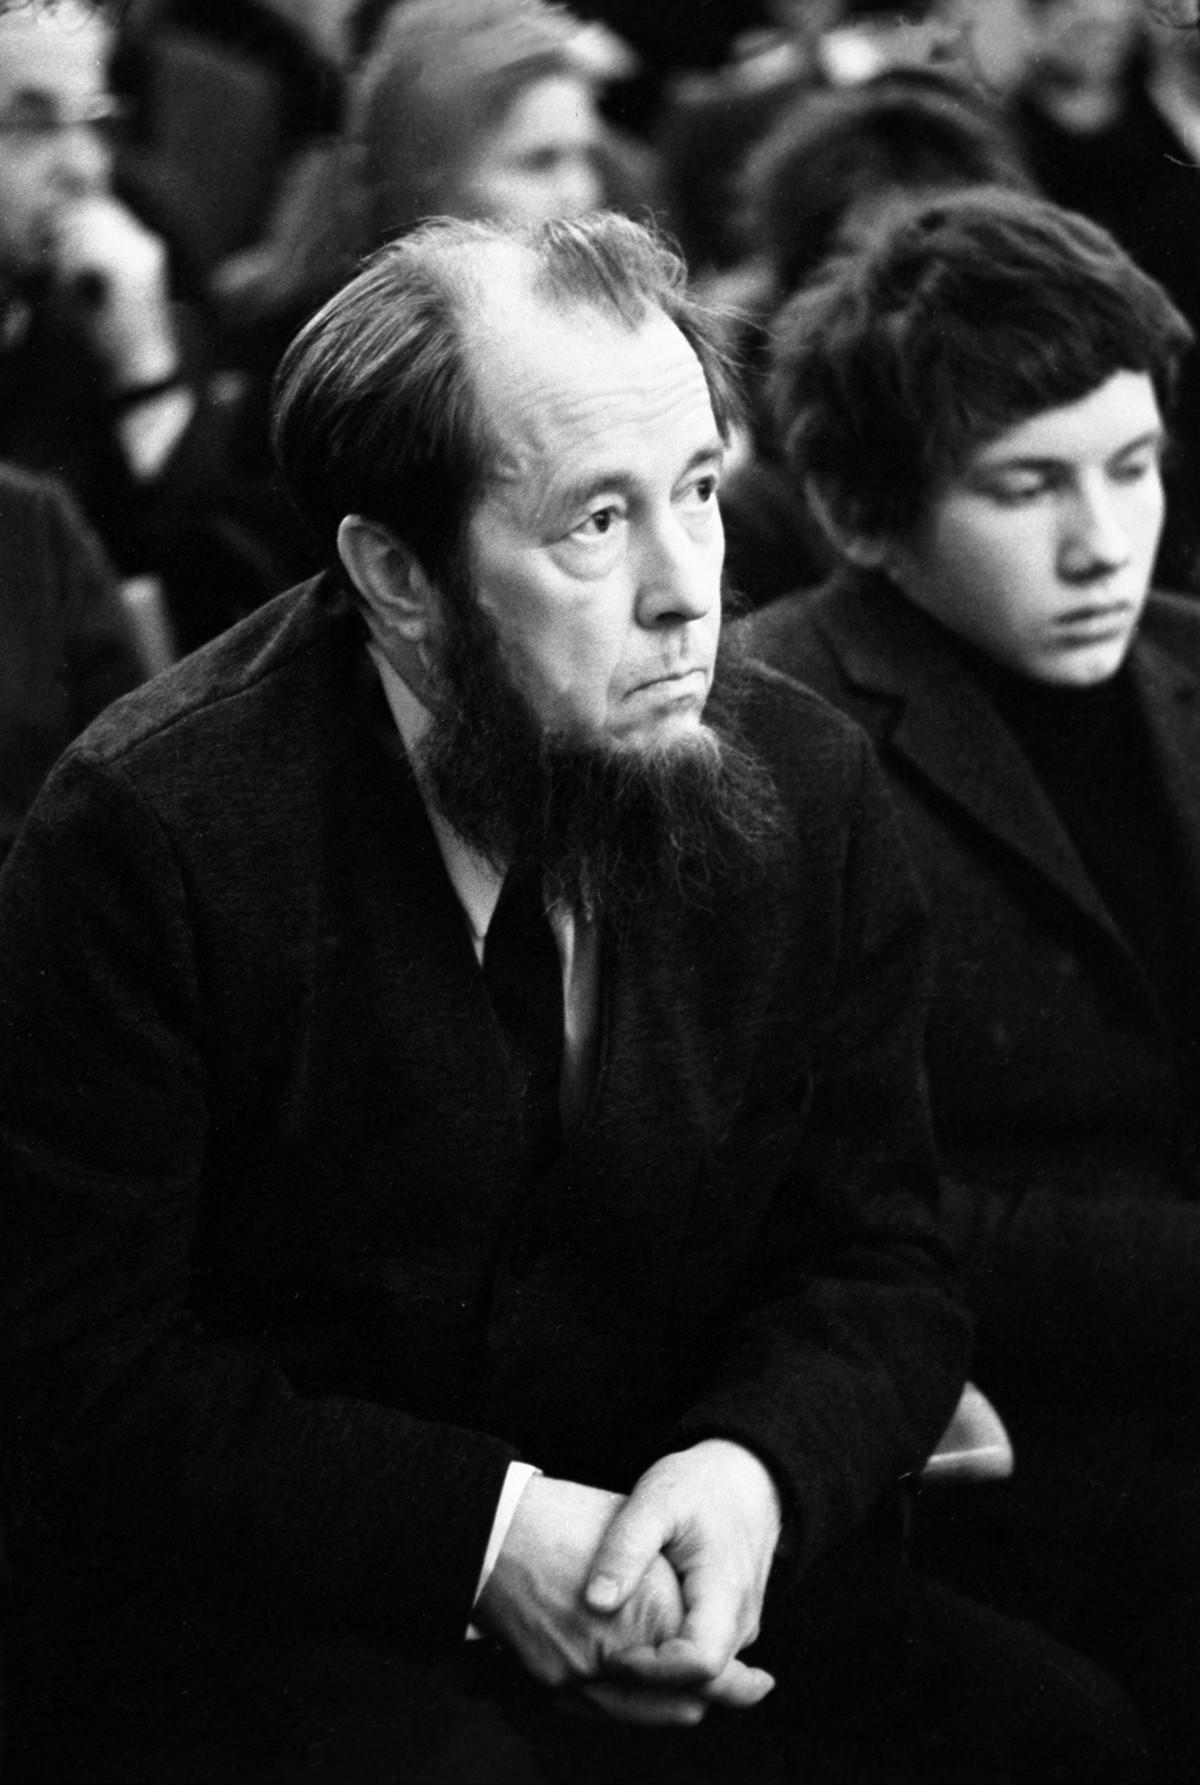 Buku tentang Gulag karya Aleksandr Solzhenitsyn adalah yang pertama diizinkan oleh otoritas Soviet. Pada 1970, Solzhenitsyn dianugerahi Hadiah Nobel dan terpaksa meninggalkan Uni Soviet pada 1974.